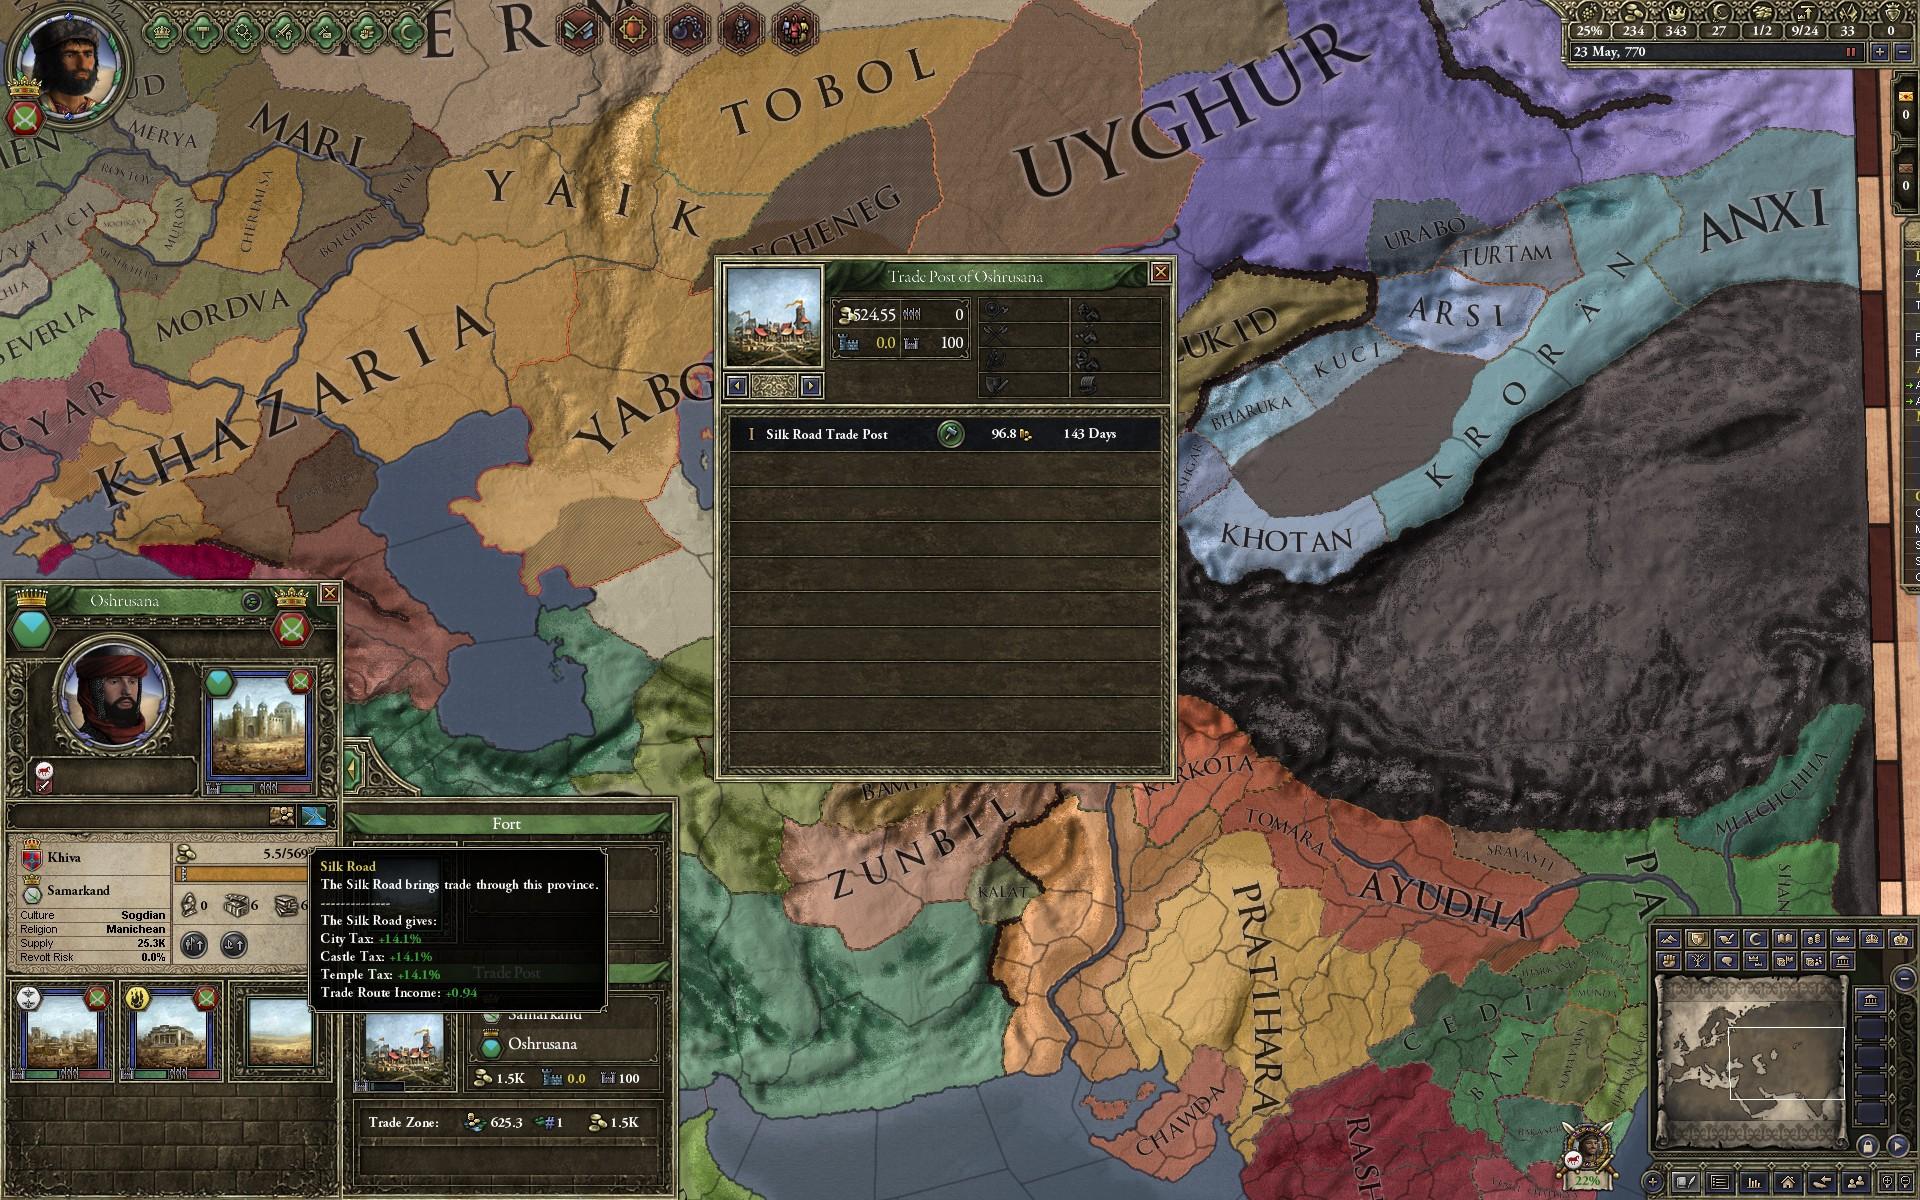 Crusader Kings II Adds Silk Road Mechanics, Raiding Adventures in